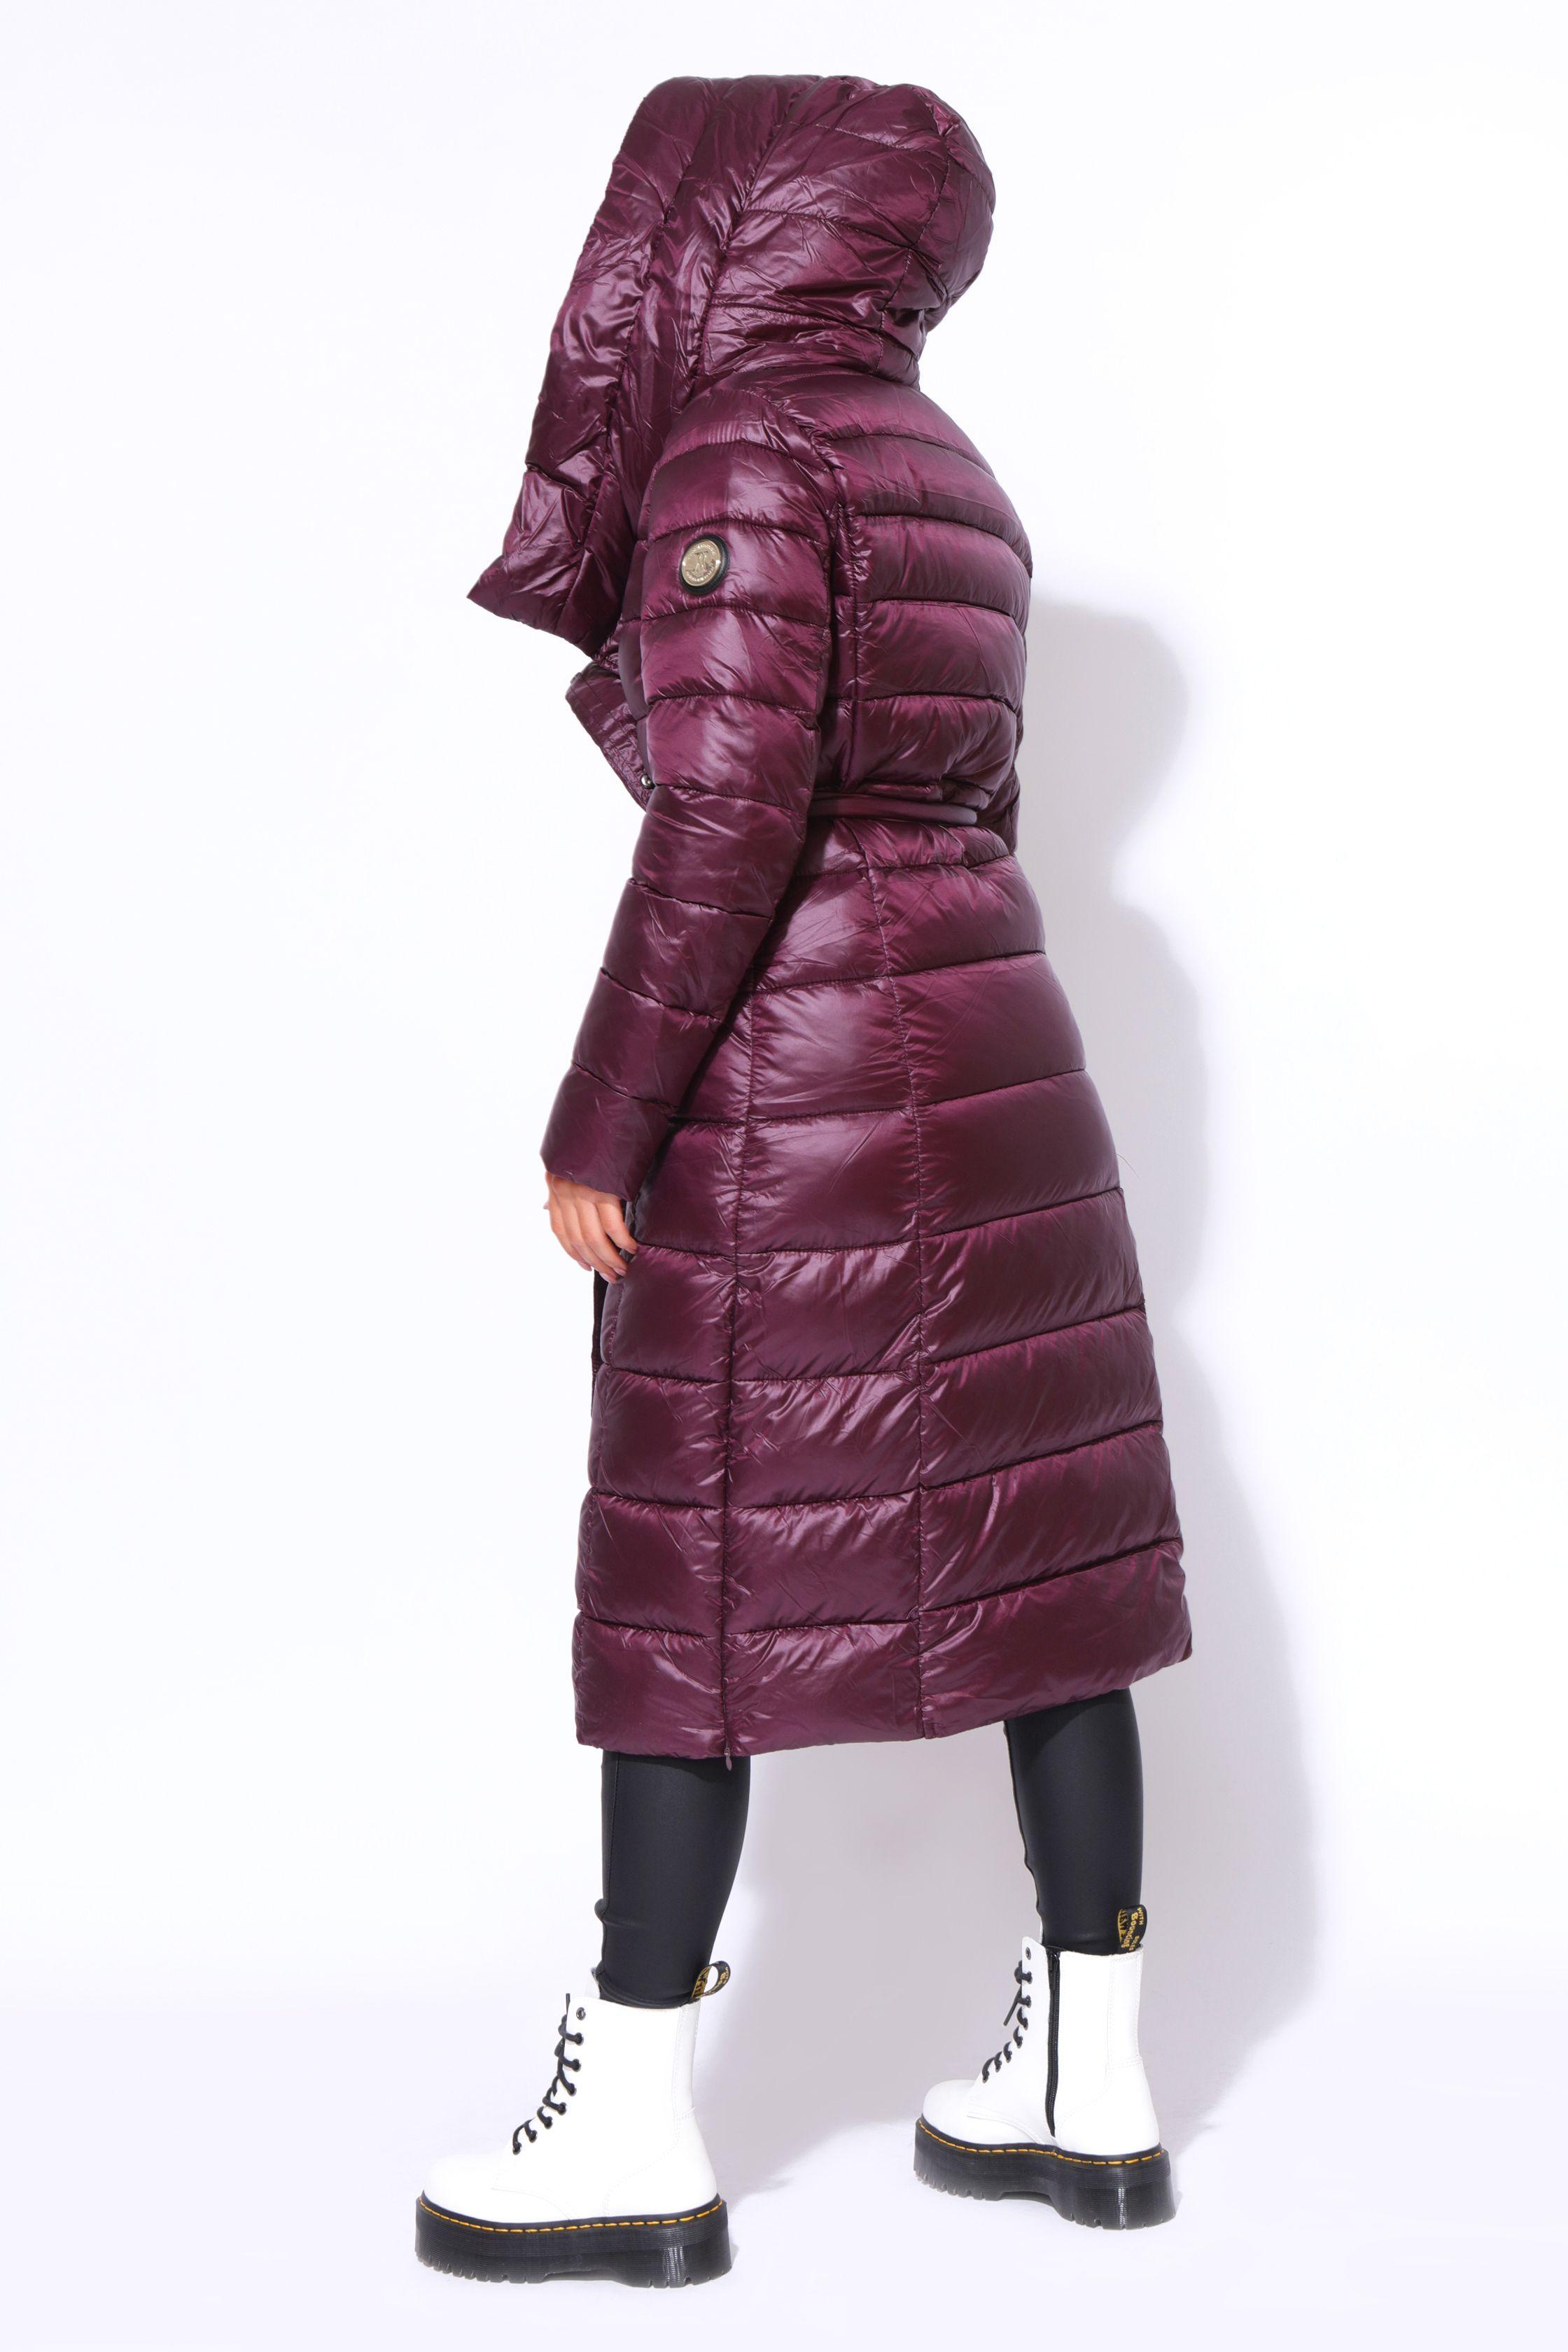 AMNESIA Ferde zippes hosszú kabát Amnesia webáruház